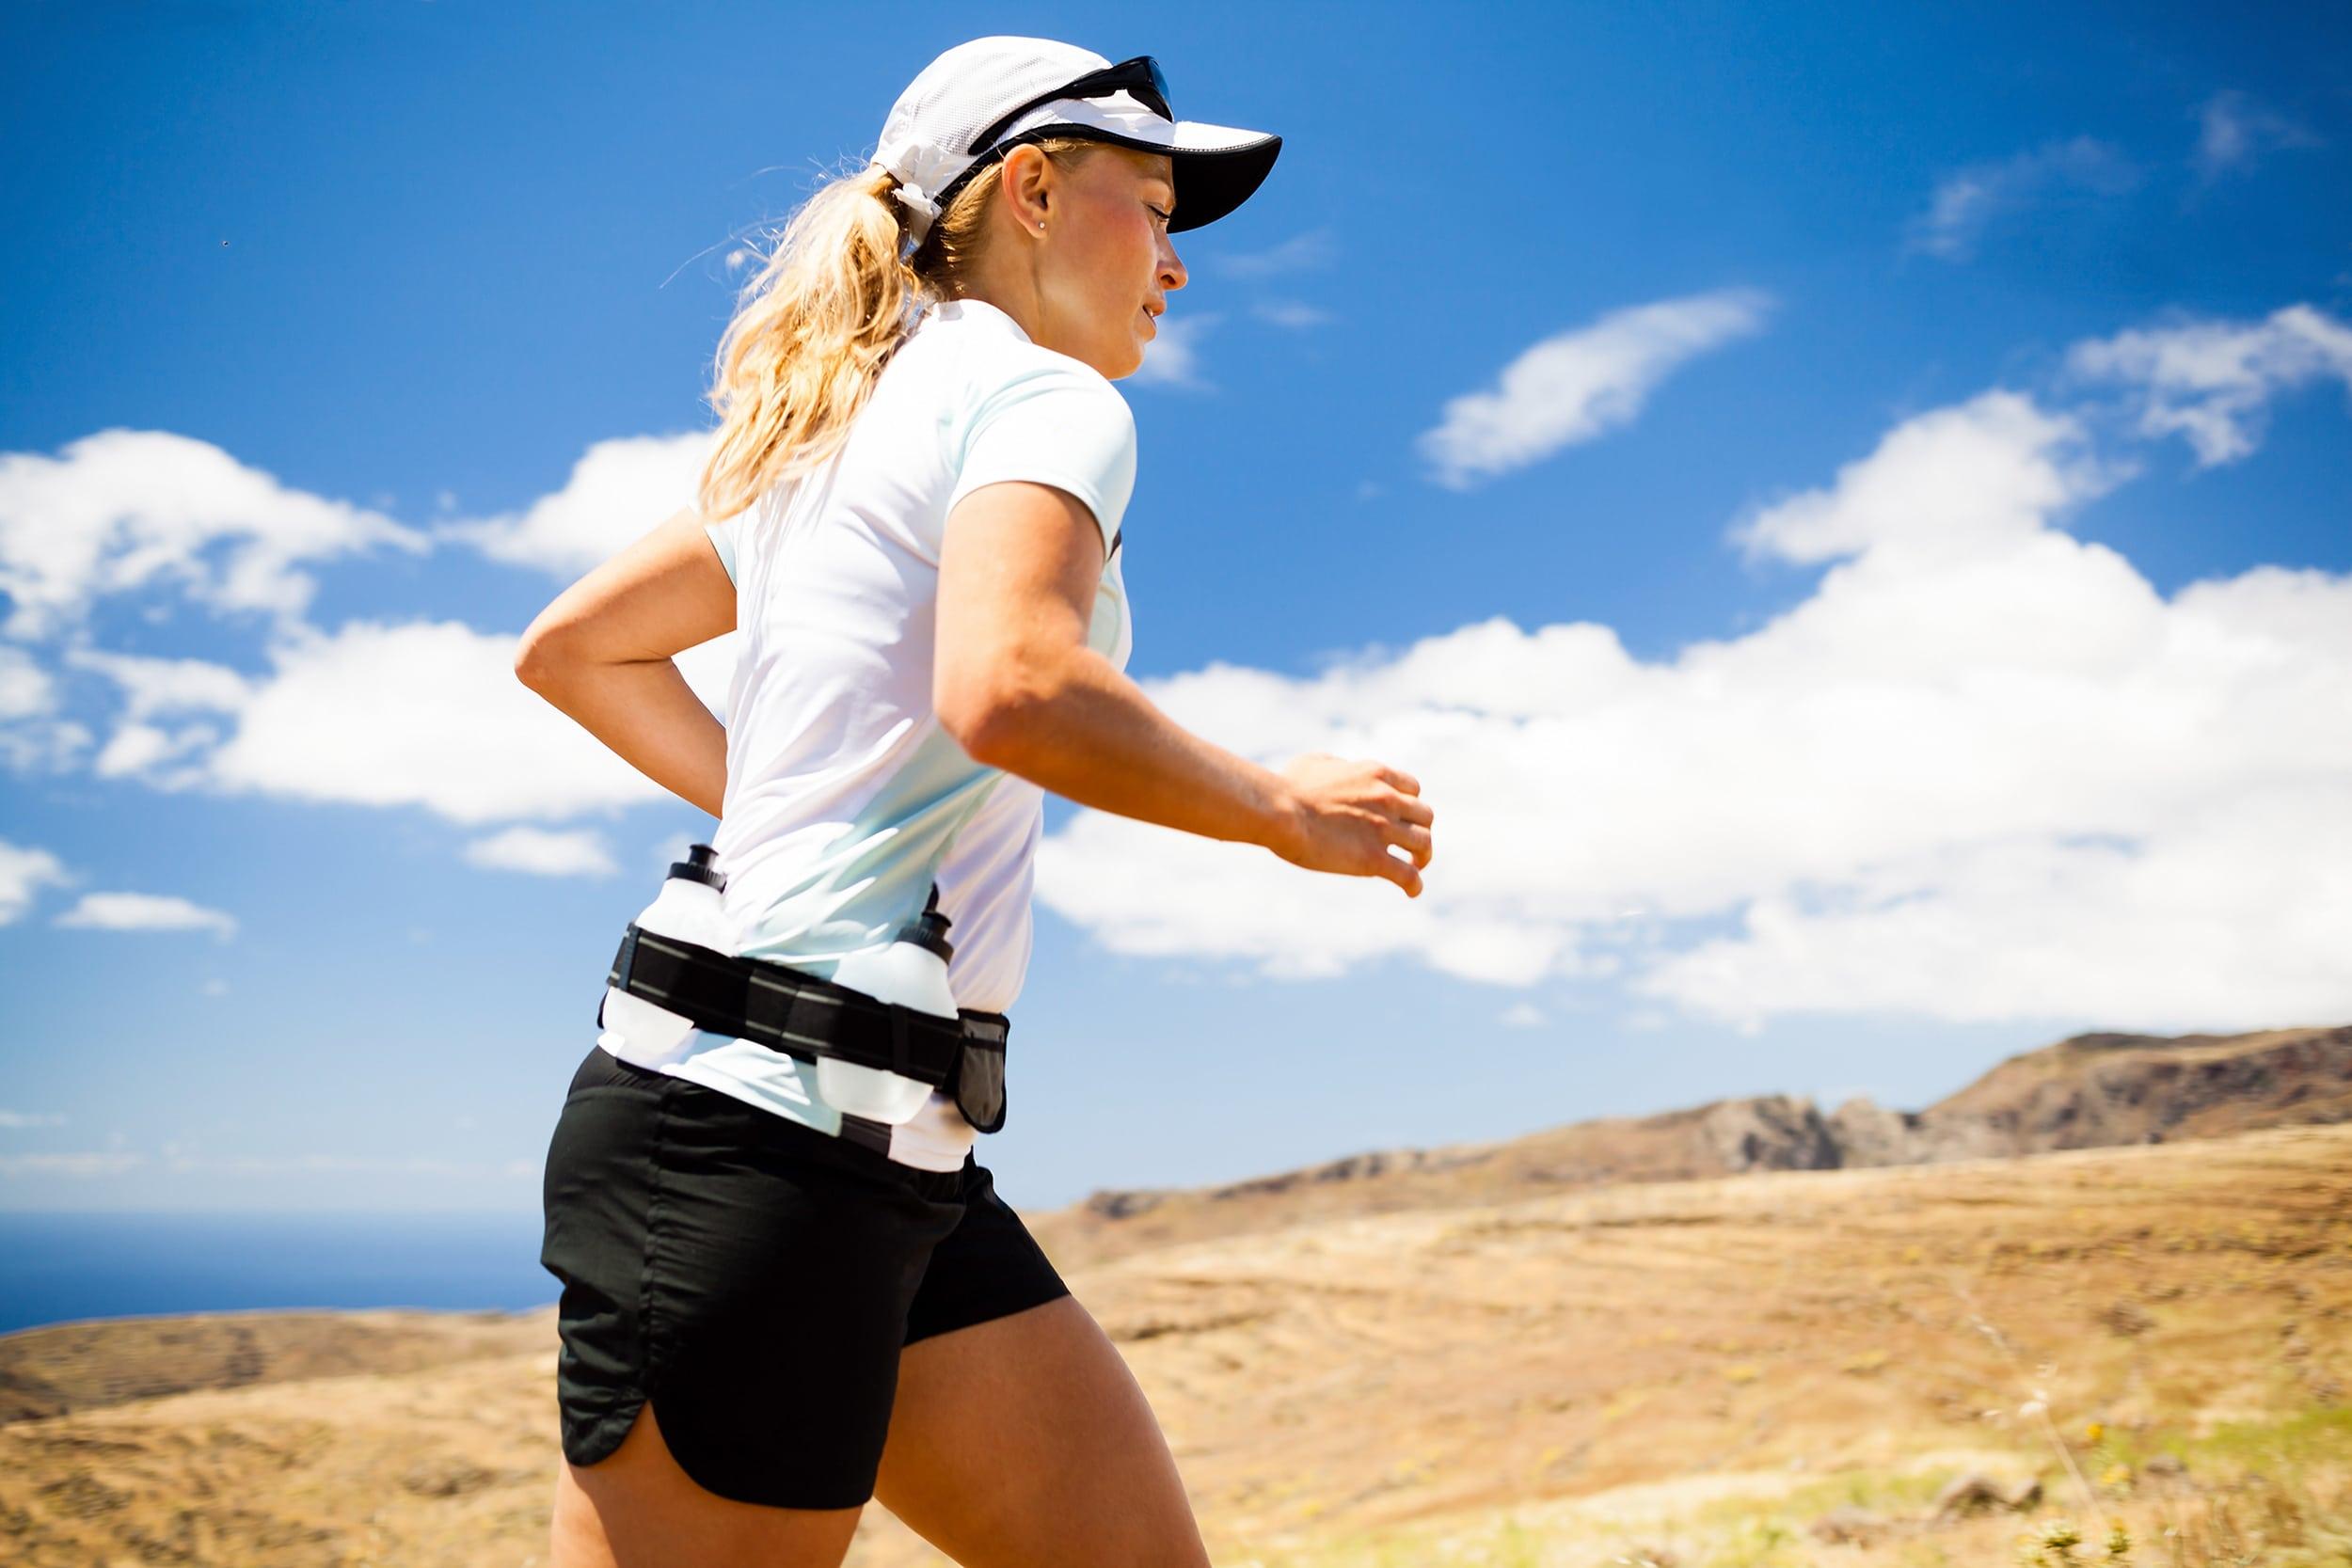 Faire du sport l'été en toute sécurité Les conseils trainme